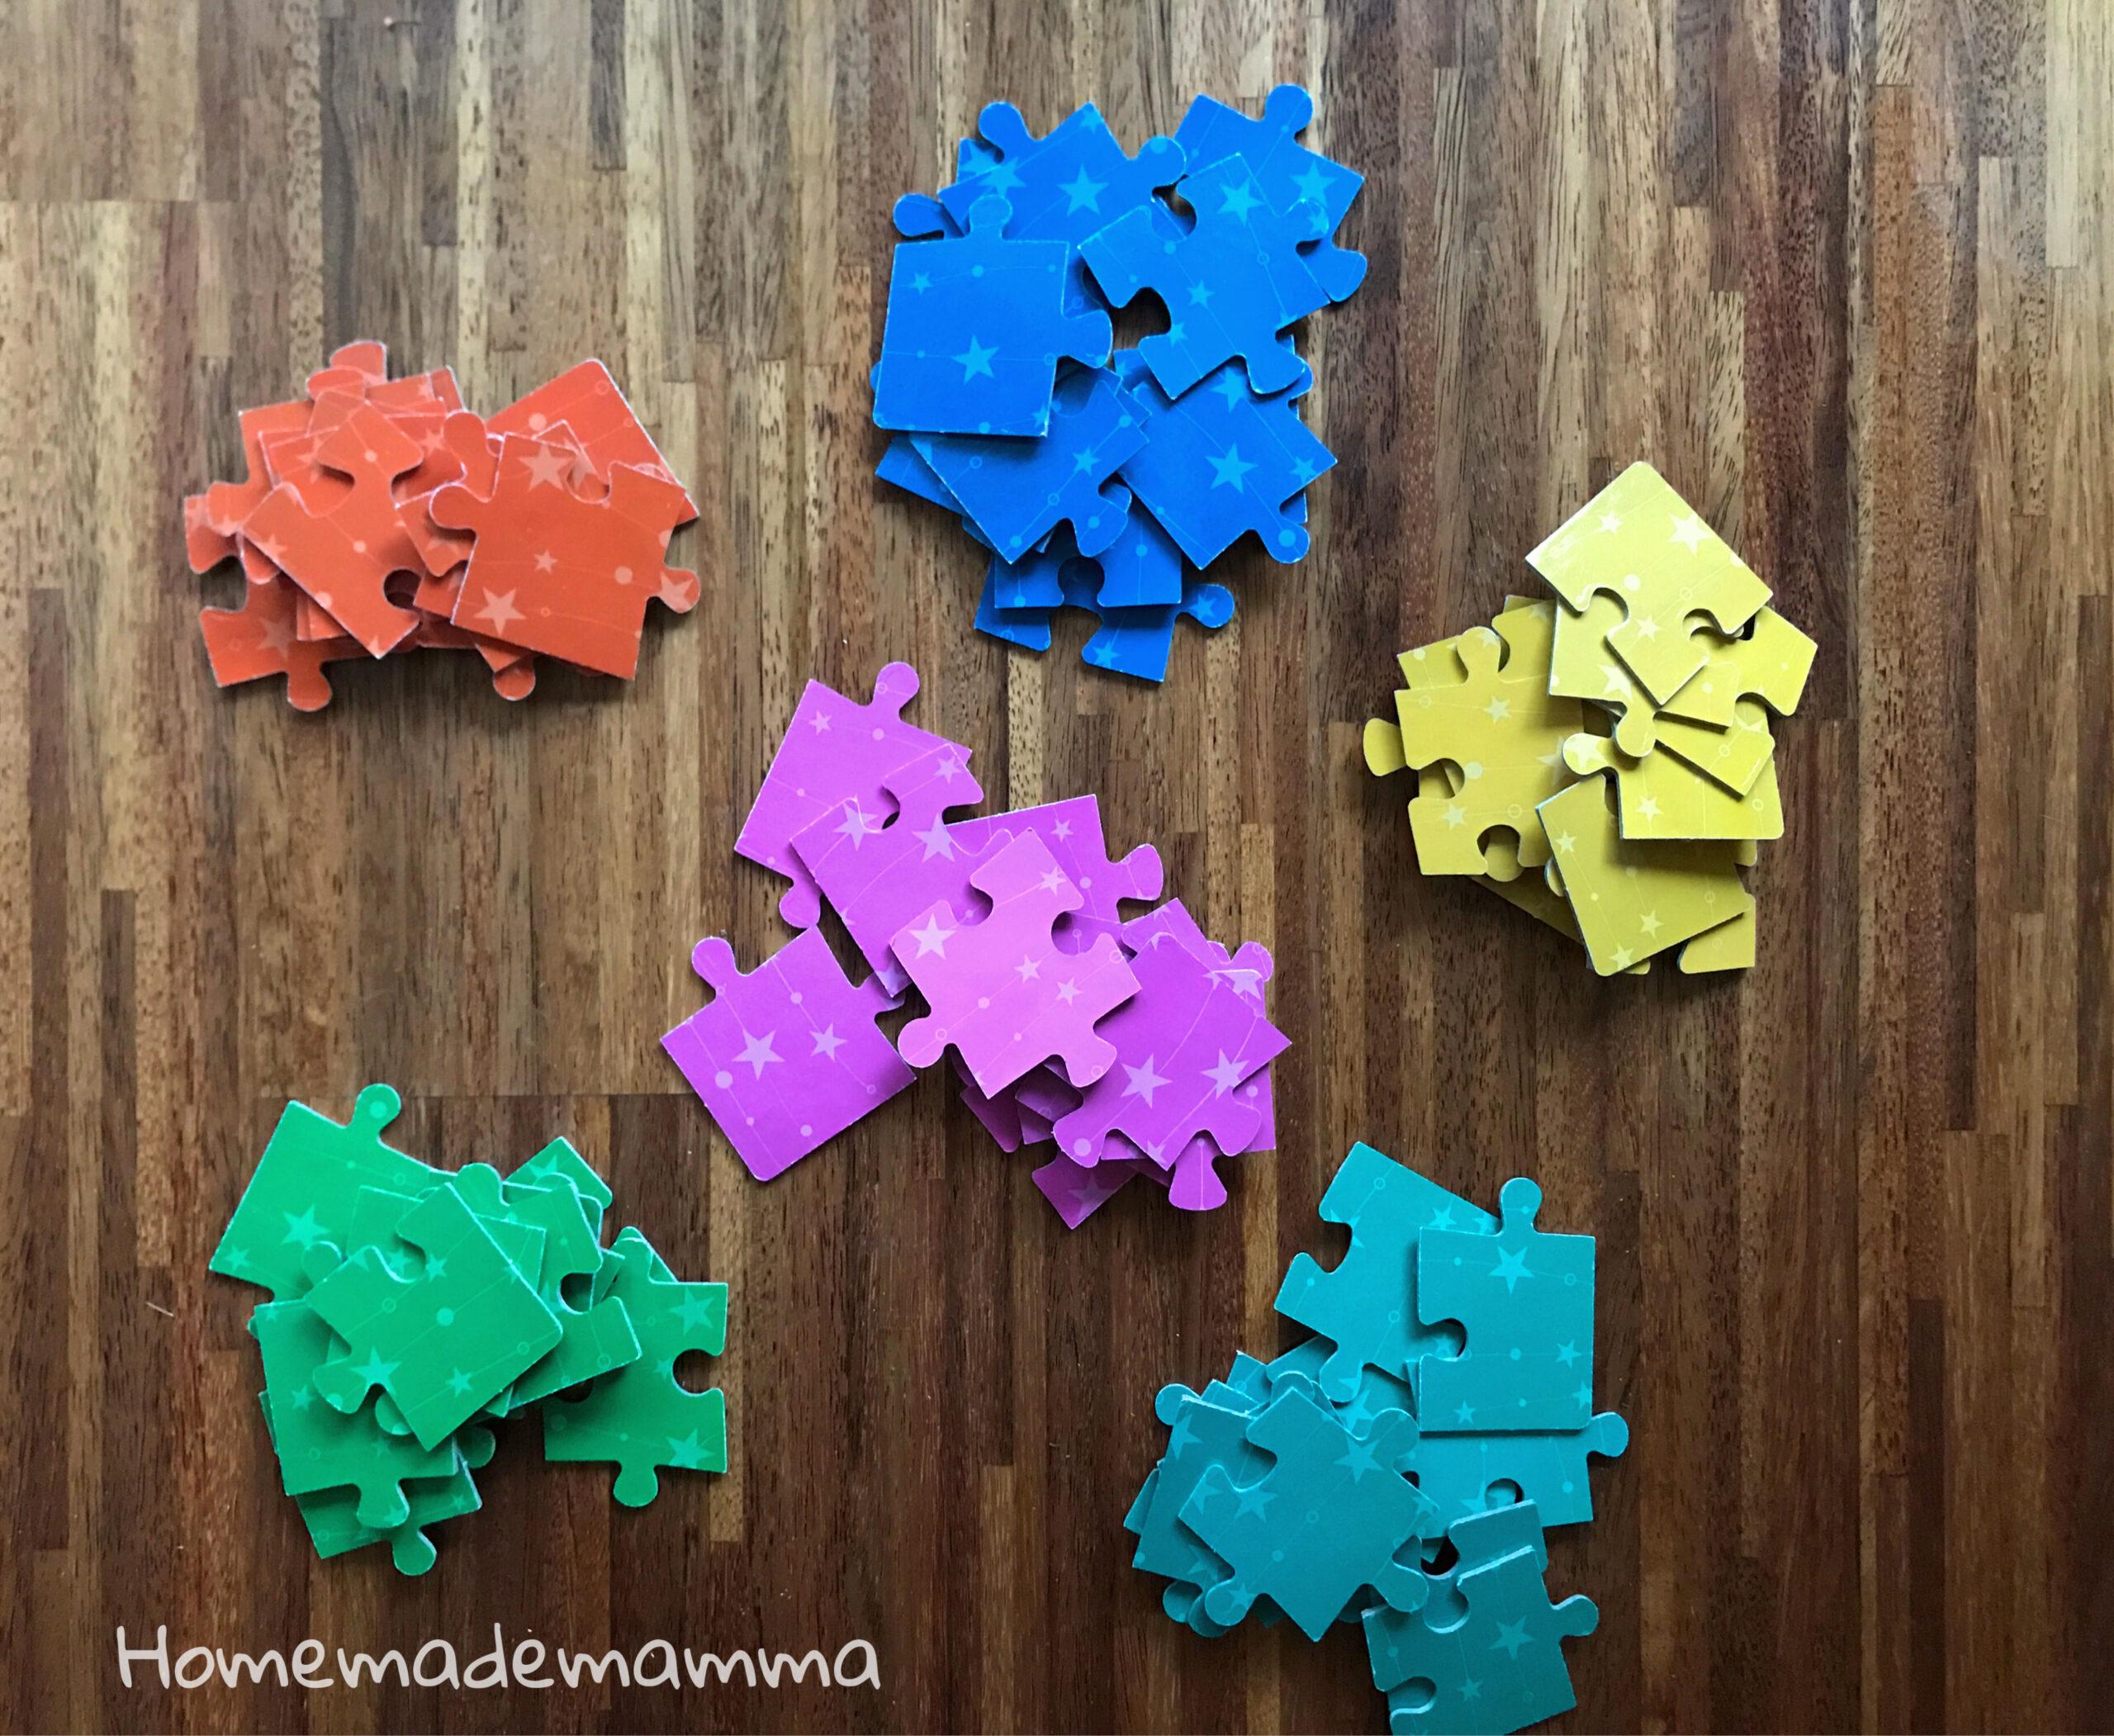 Inventastorie headu gioco per bambini inventare storie piccoli creatività e fantasia